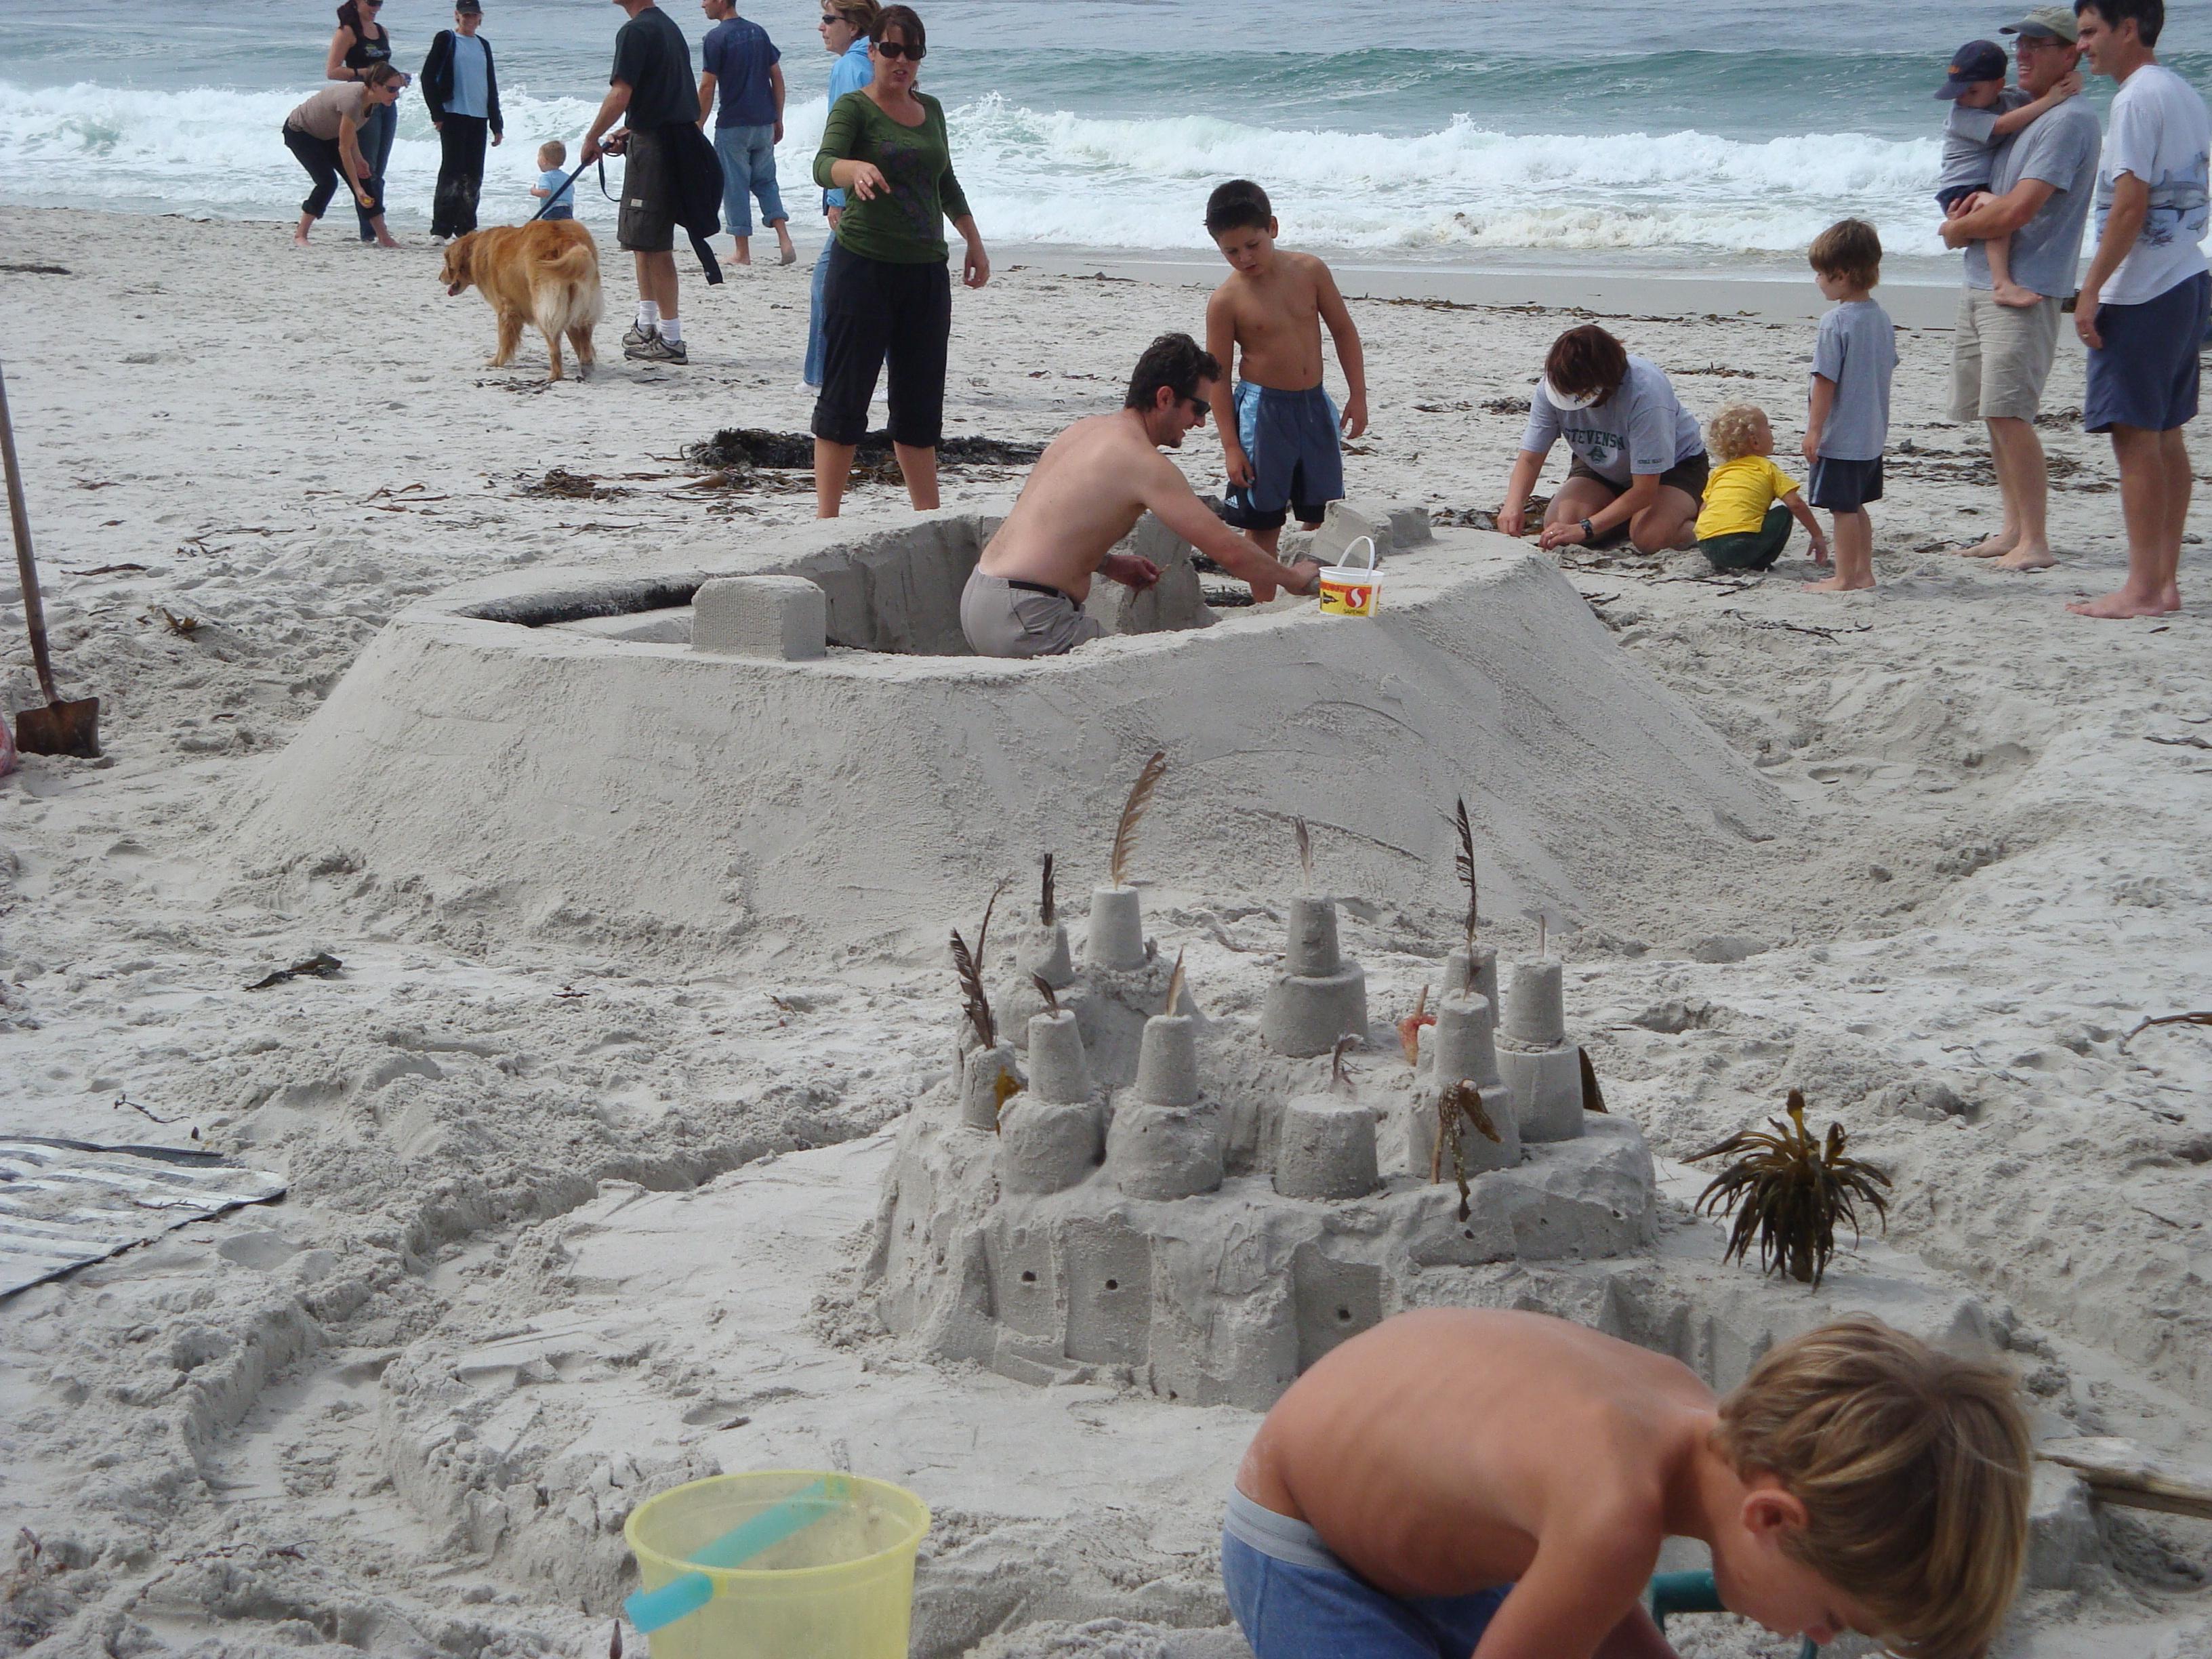 carmel beach sandcastle contest | xasáuan today